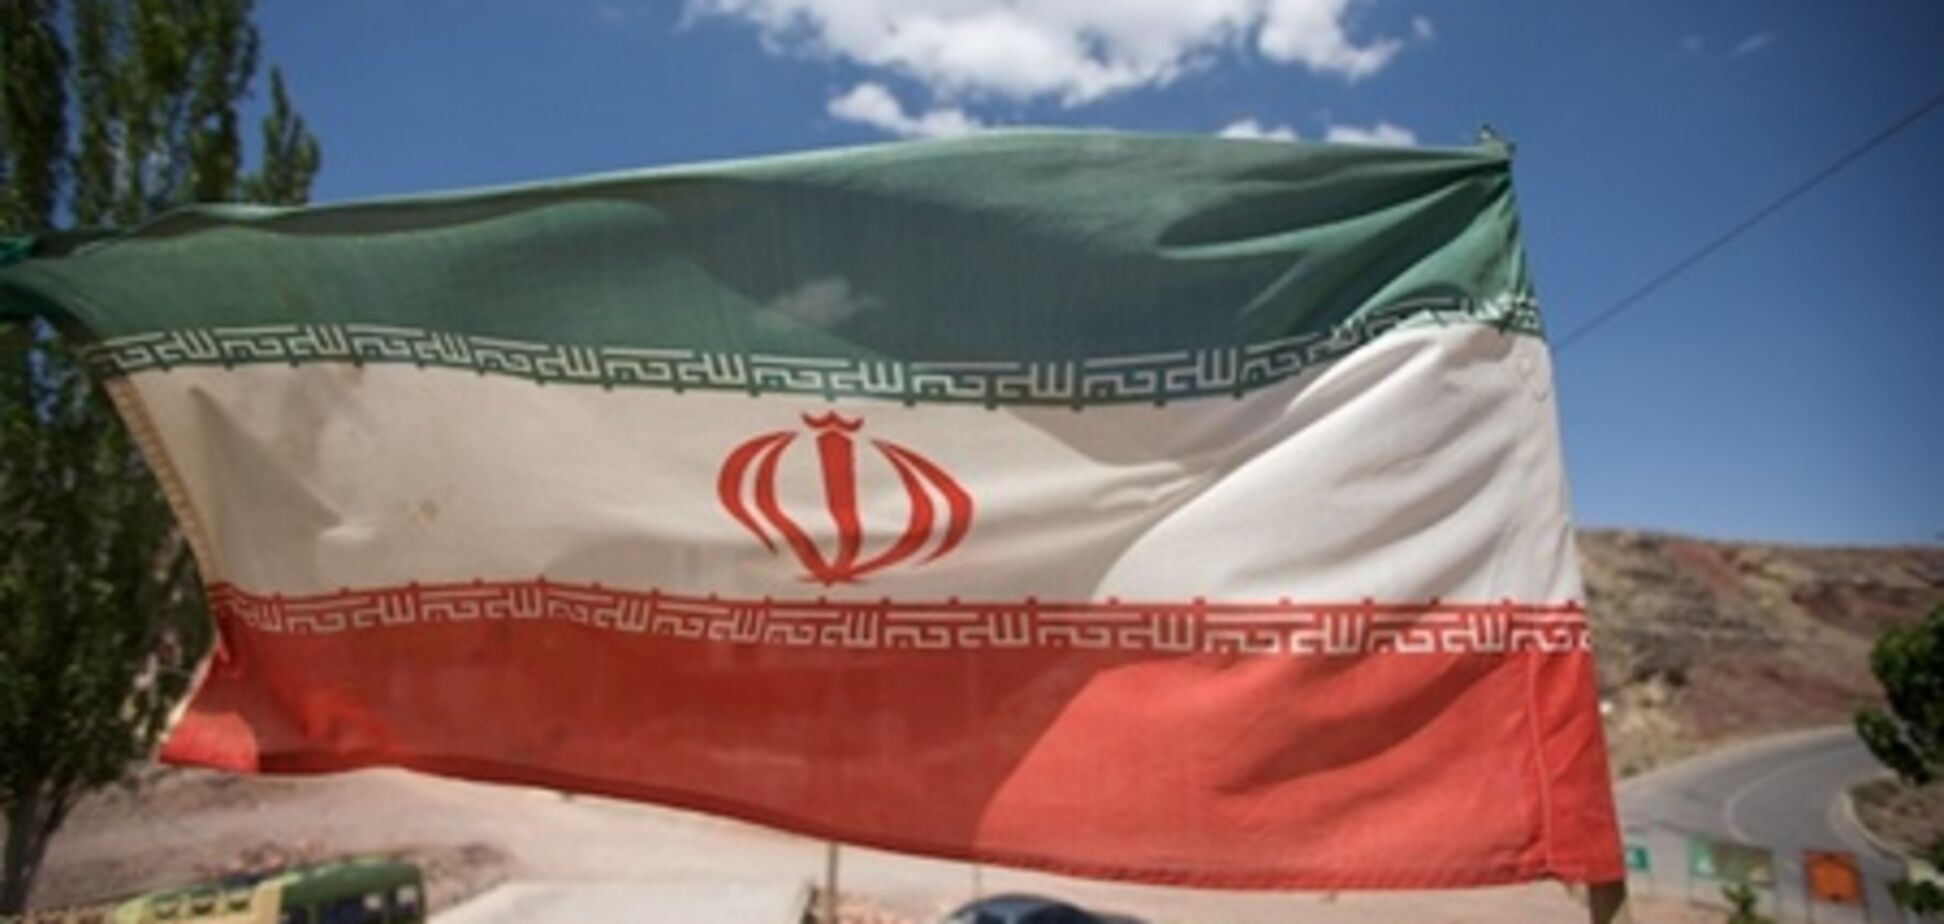 МЗС Франції: Європа зобов'язана ввести санкції проти Ірану